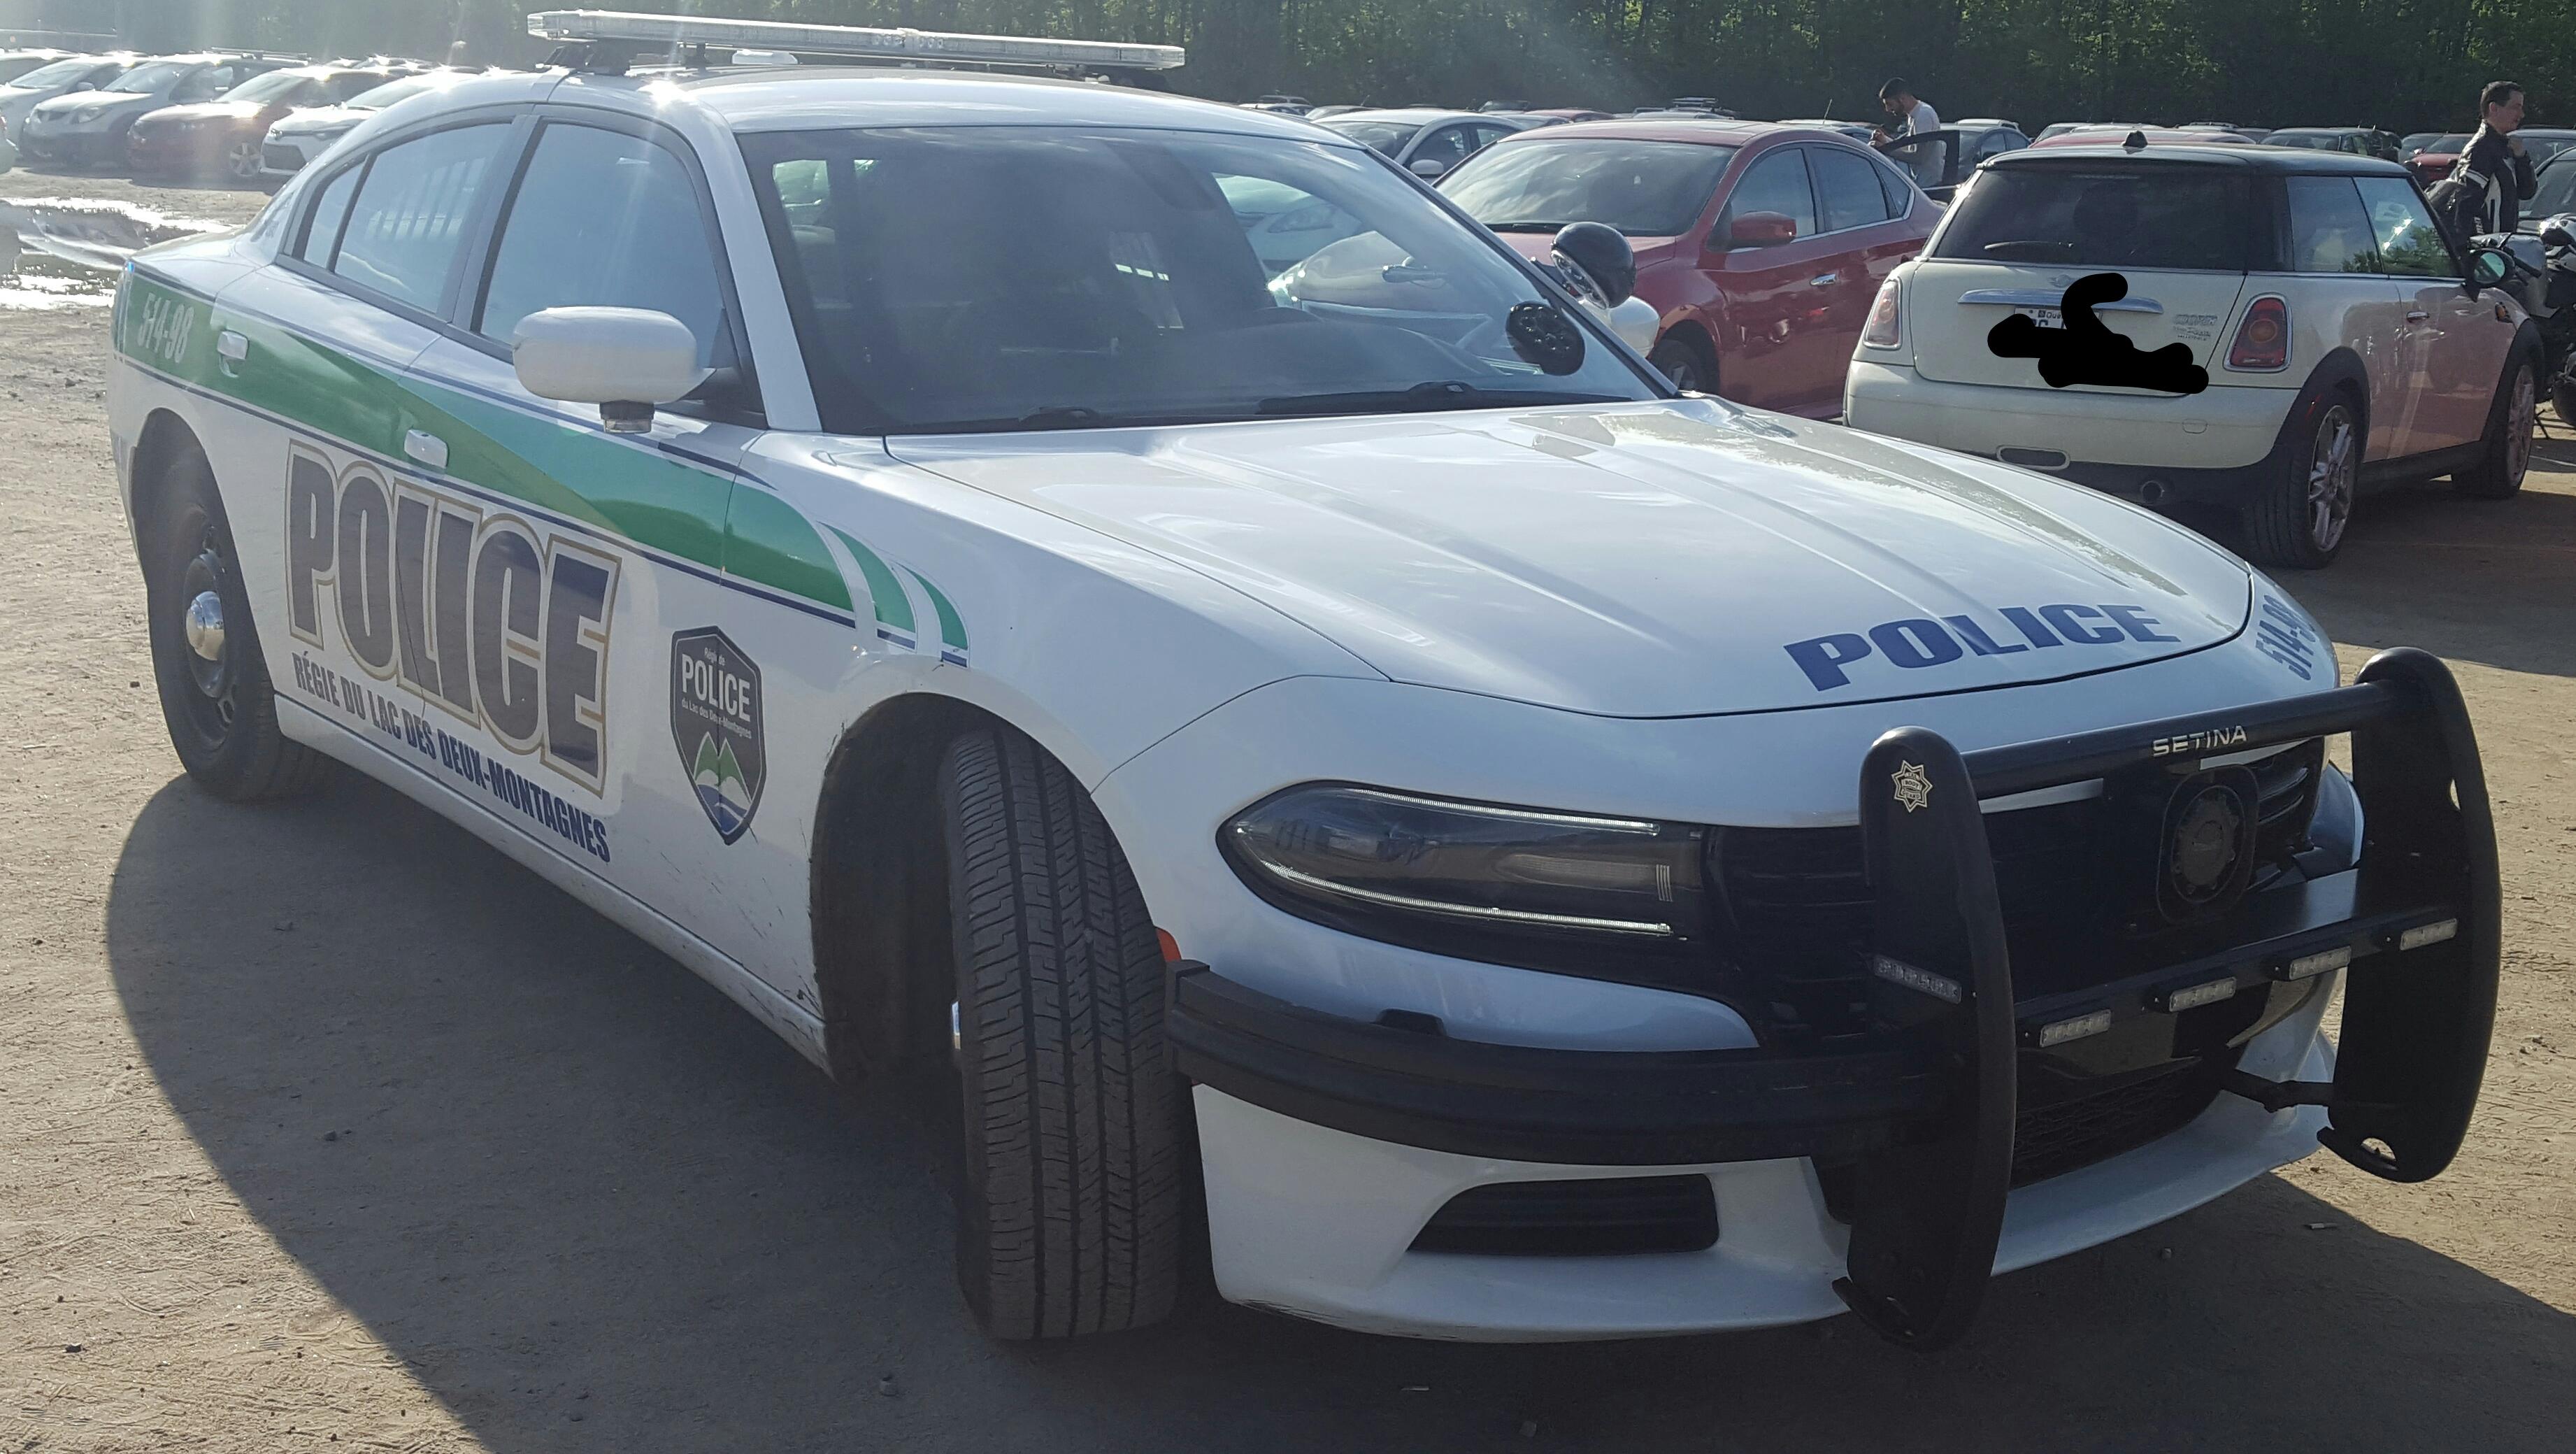 File Dodge Charger Deux Montagnes Police Jpg